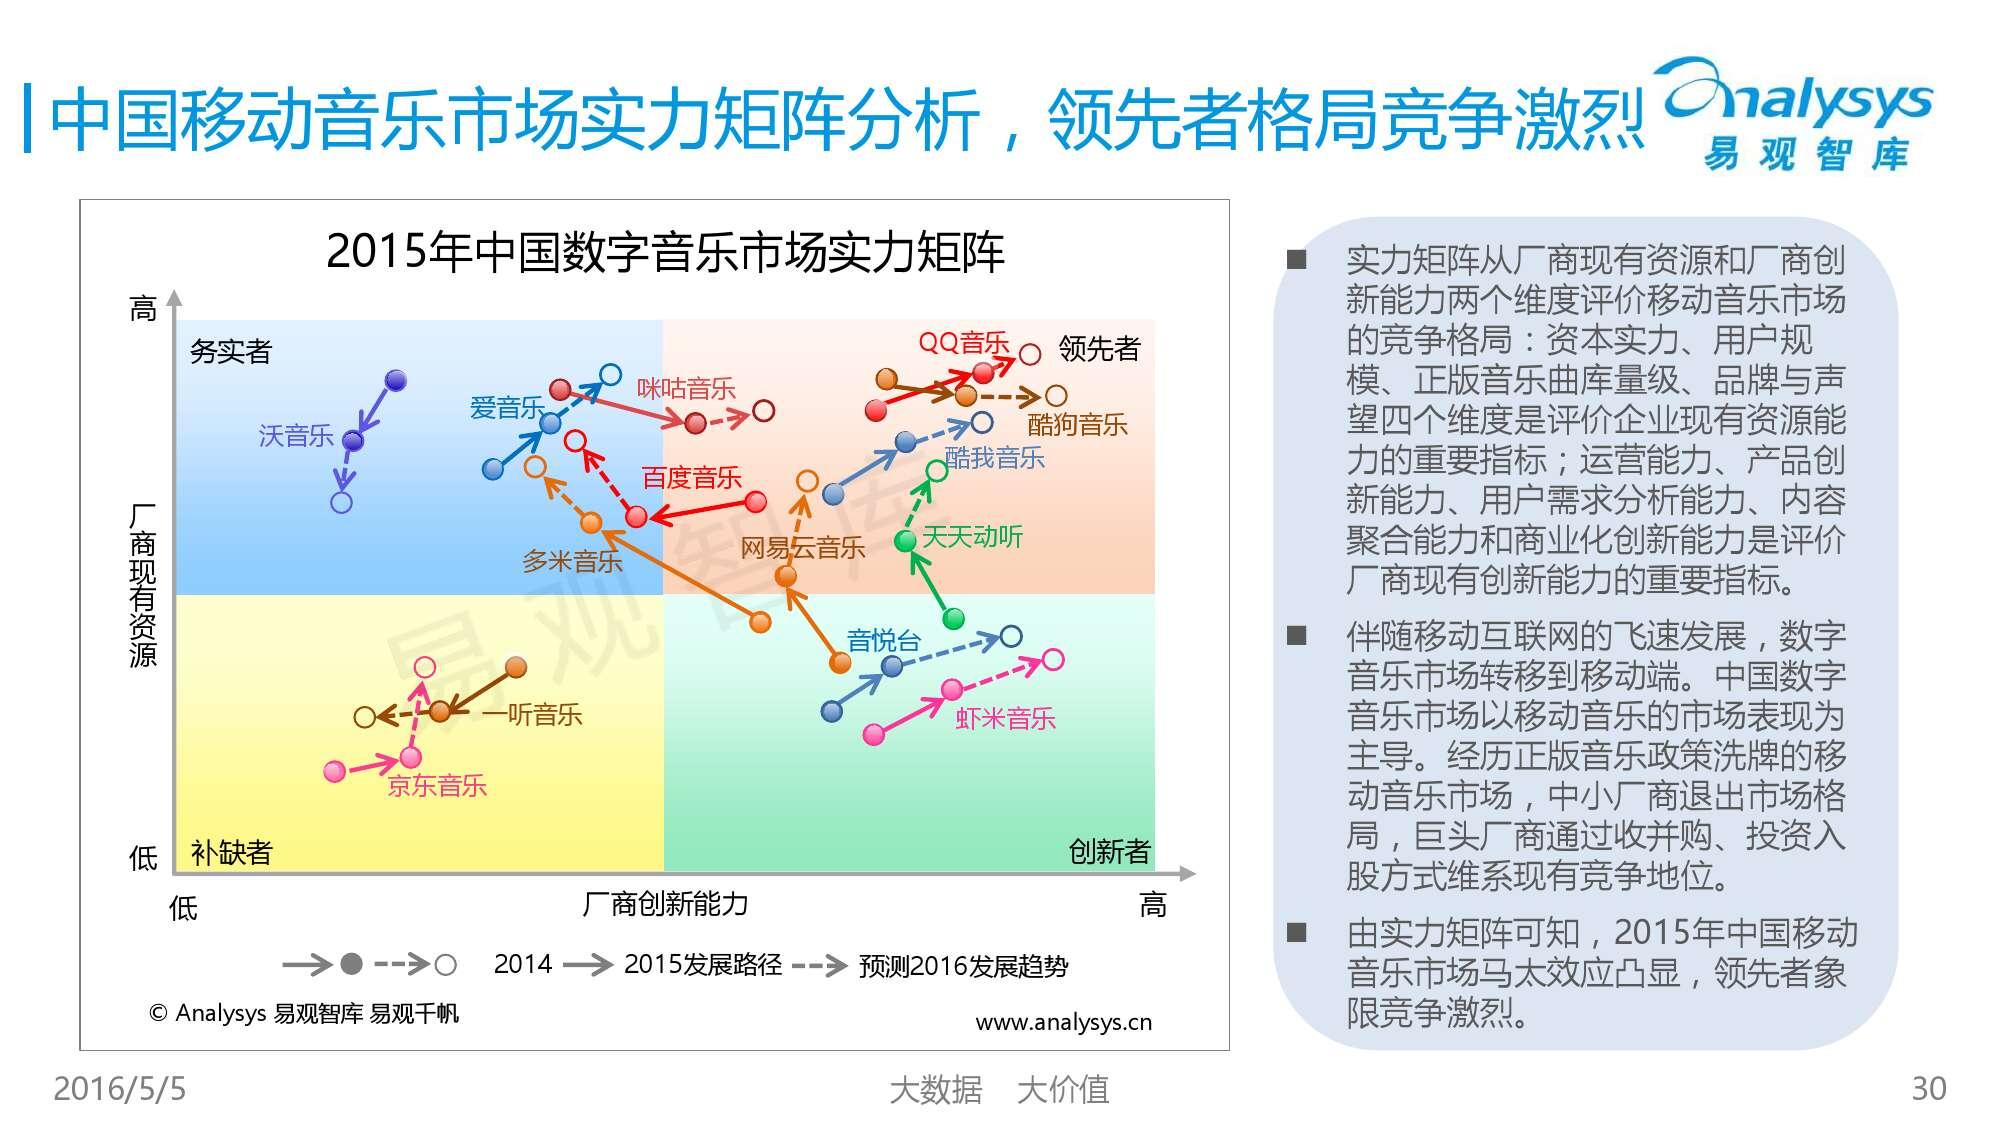 2016中国移动音乐市场年度综合报告_000030